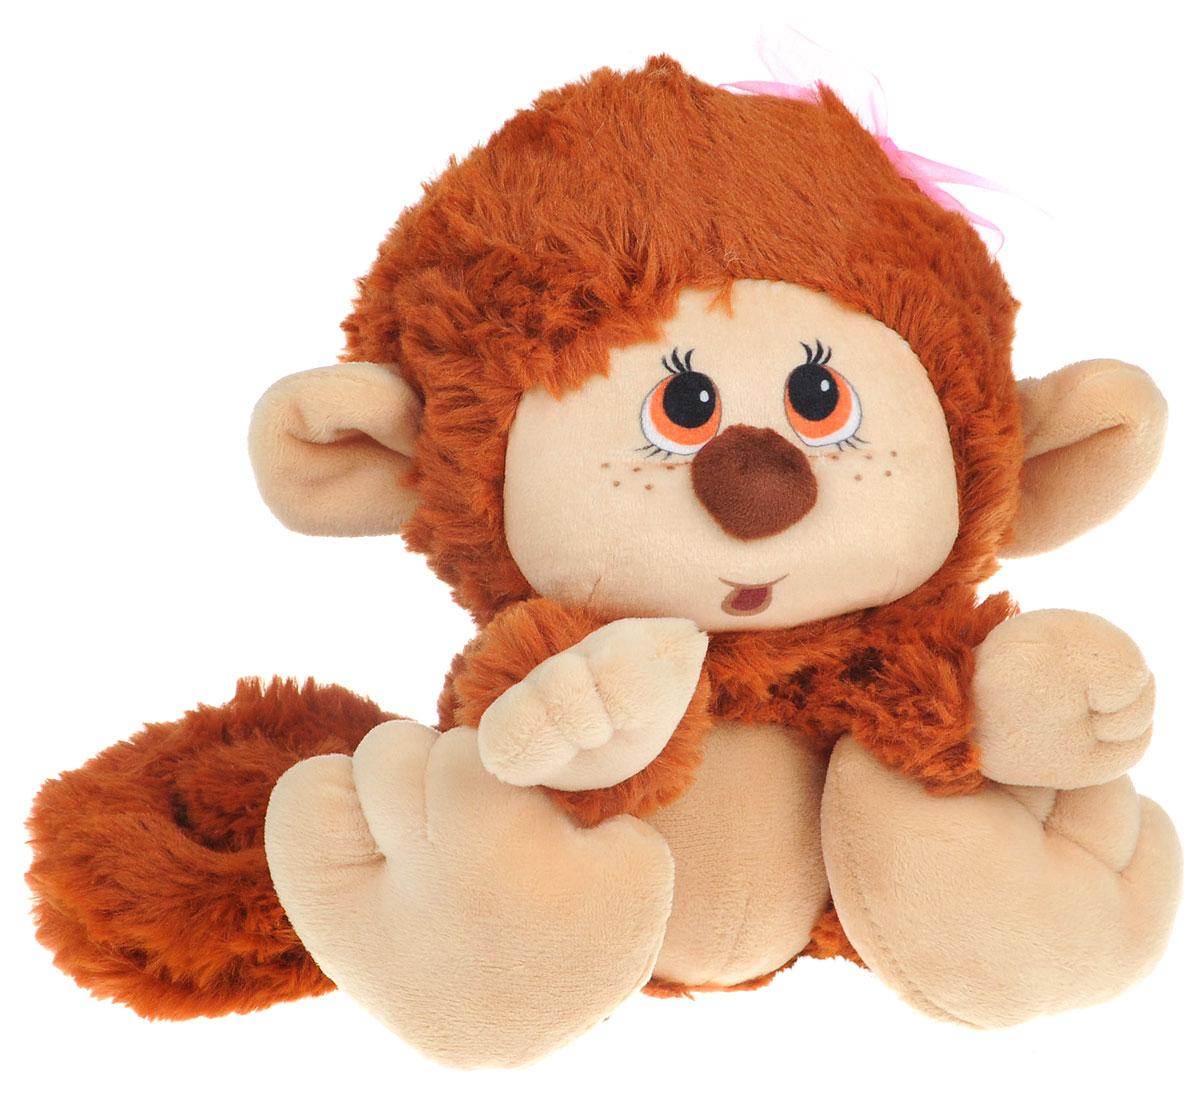 где купить СмолТойс Мягкая игрушка Обезьянка 20 см по лучшей цене